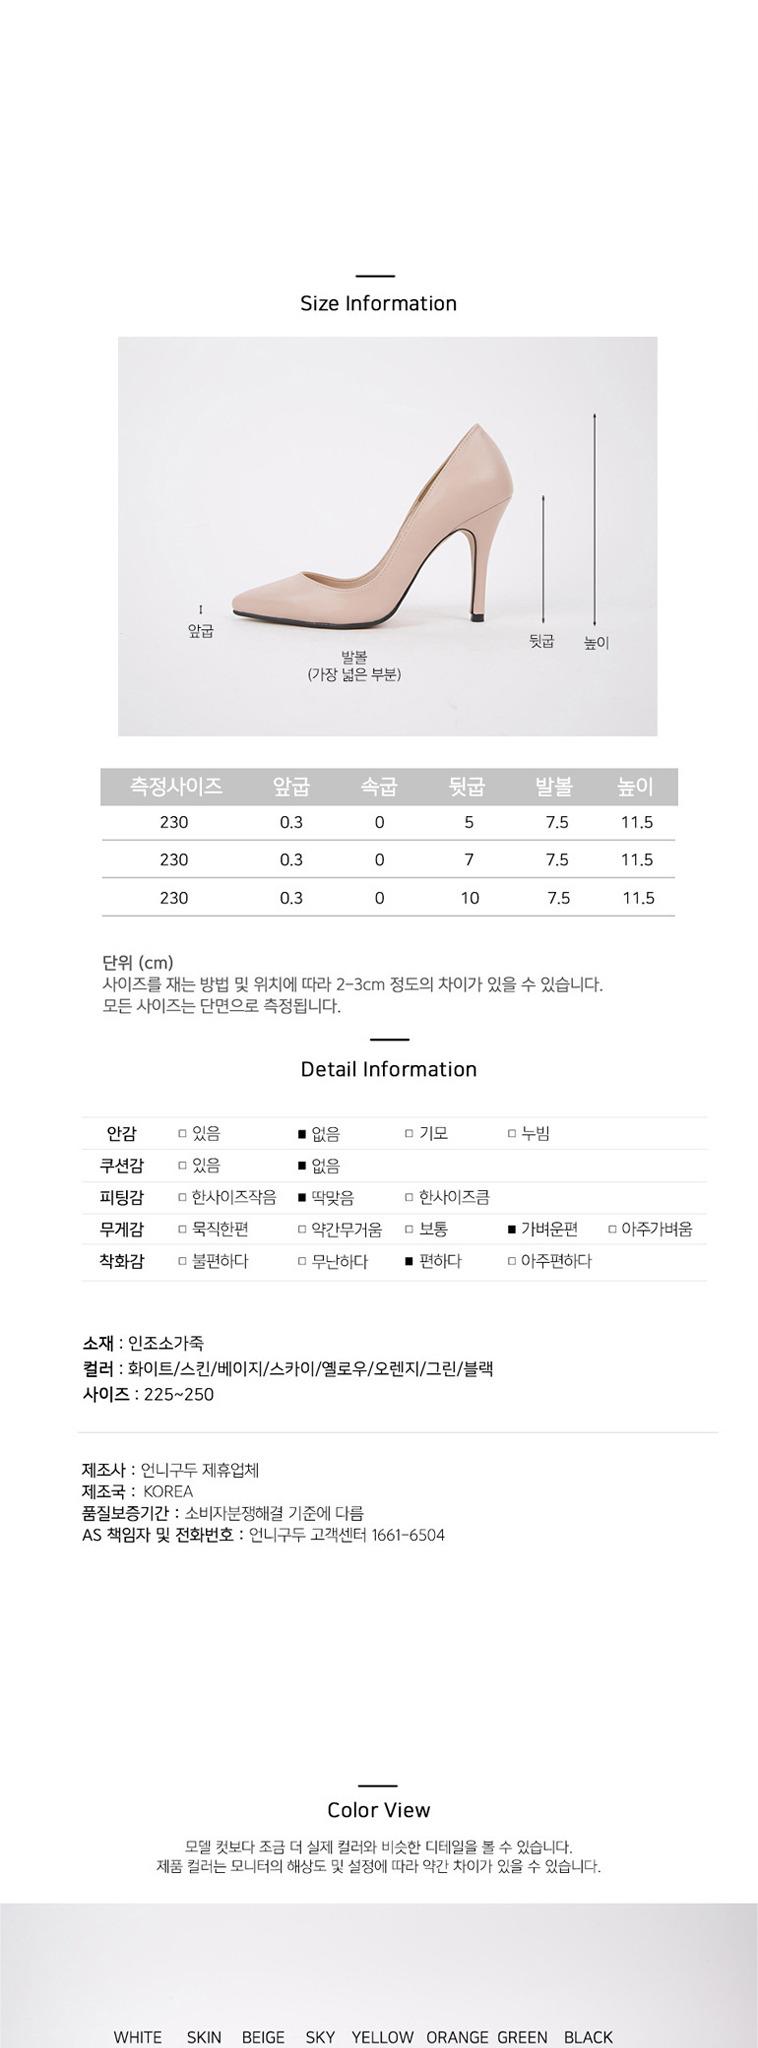 [마이컬러] 오렌지 쉐론 스틸레토힐 - 상세정보